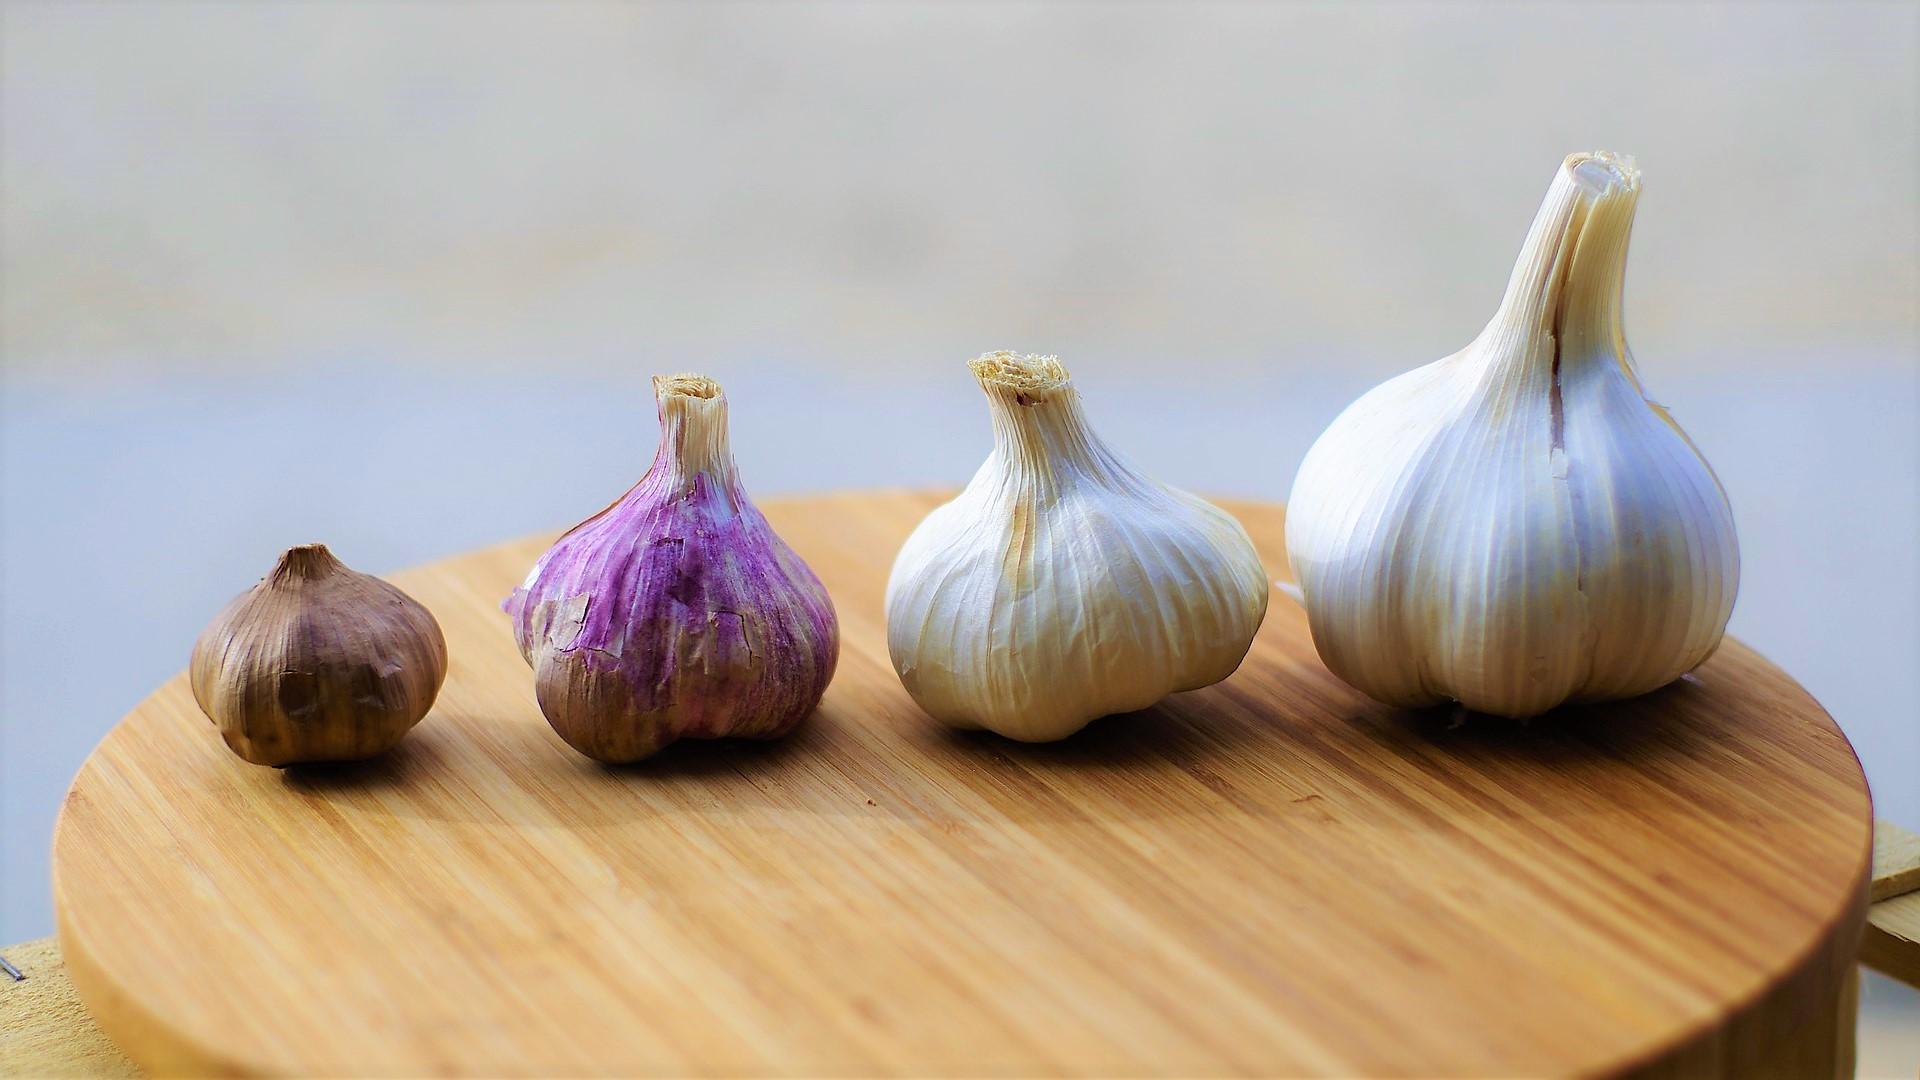 bawang putih matang